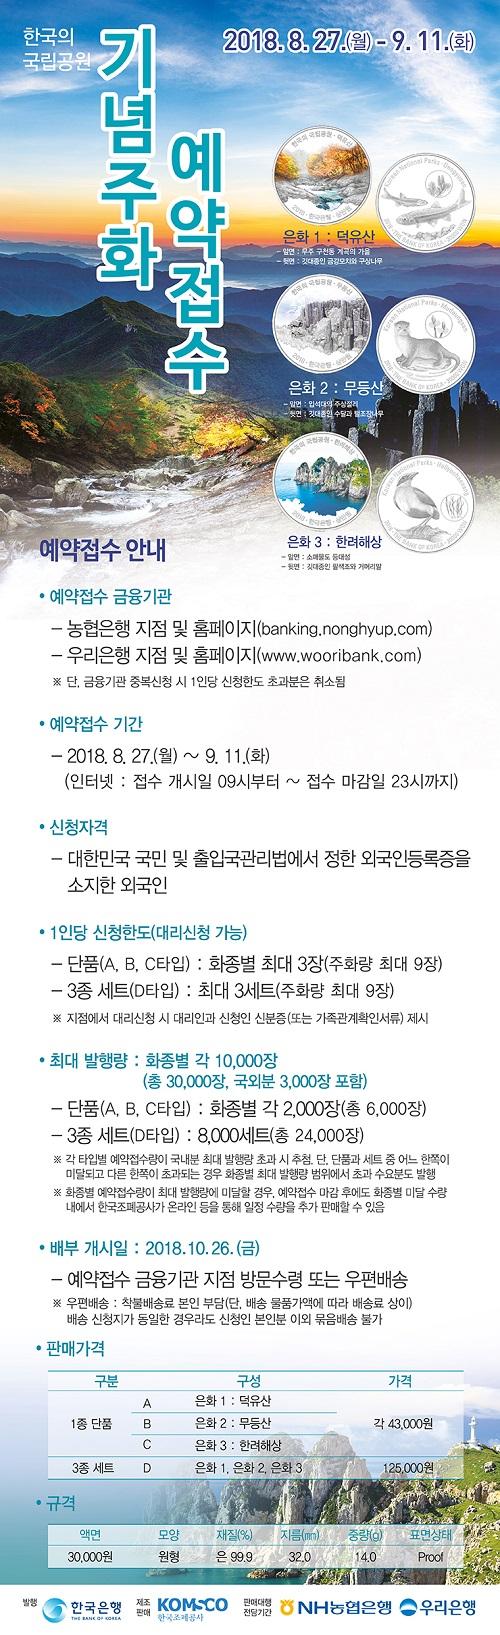 '한국의 국립공원' 기념주화 예약판매 포스터터